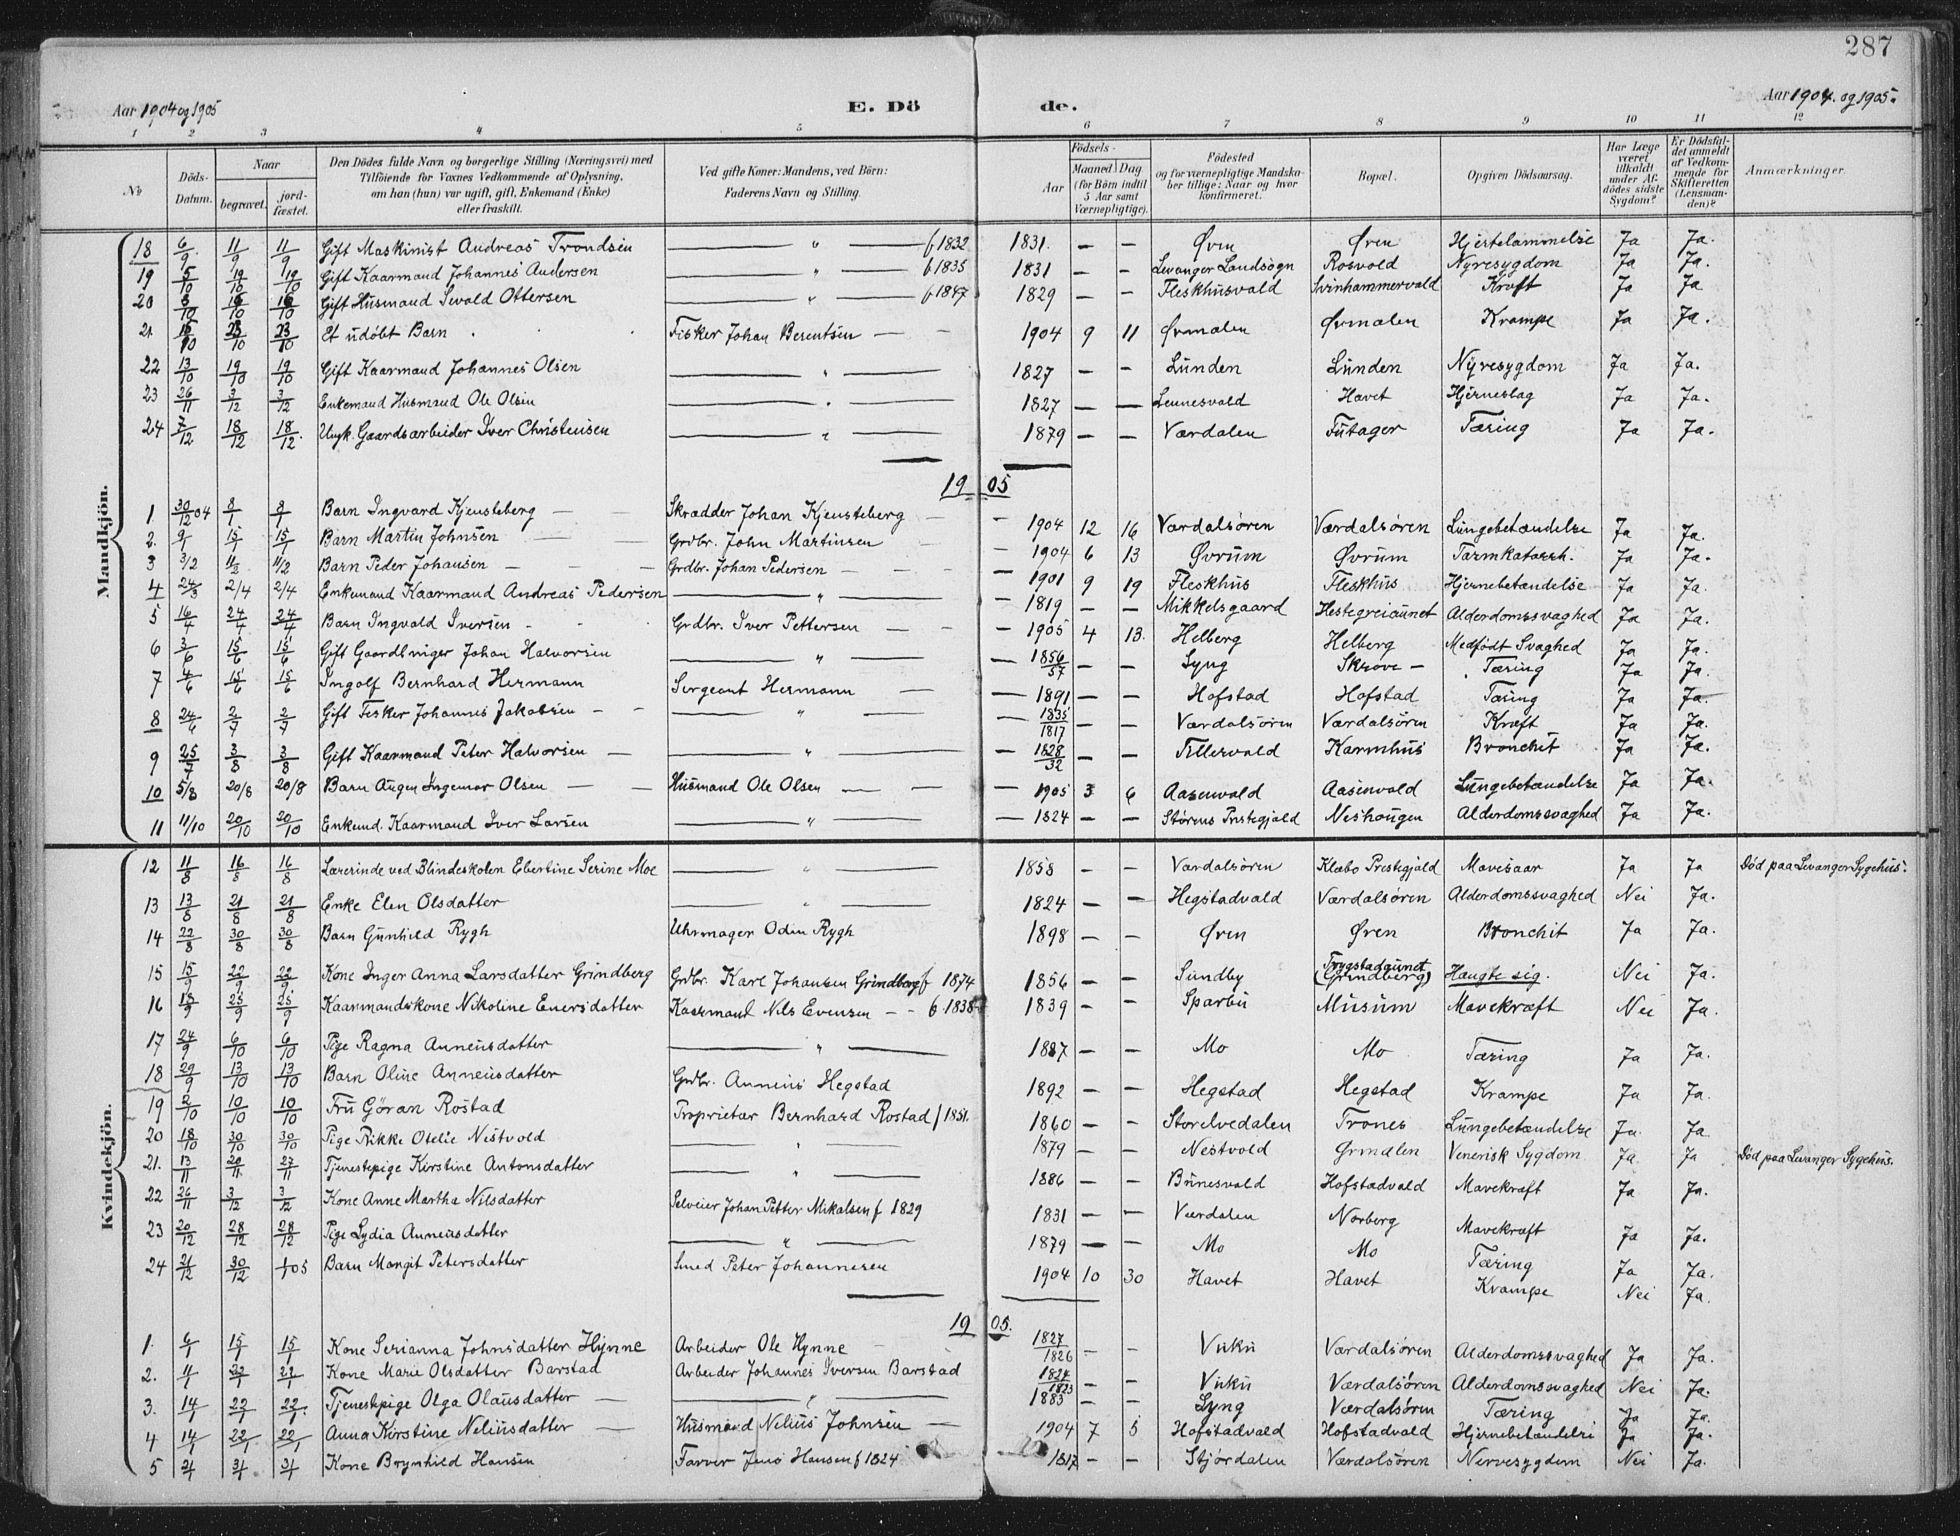 SAT, Ministerialprotokoller, klokkerbøker og fødselsregistre - Nord-Trøndelag, 723/L0246: Ministerialbok nr. 723A15, 1900-1917, s. 287